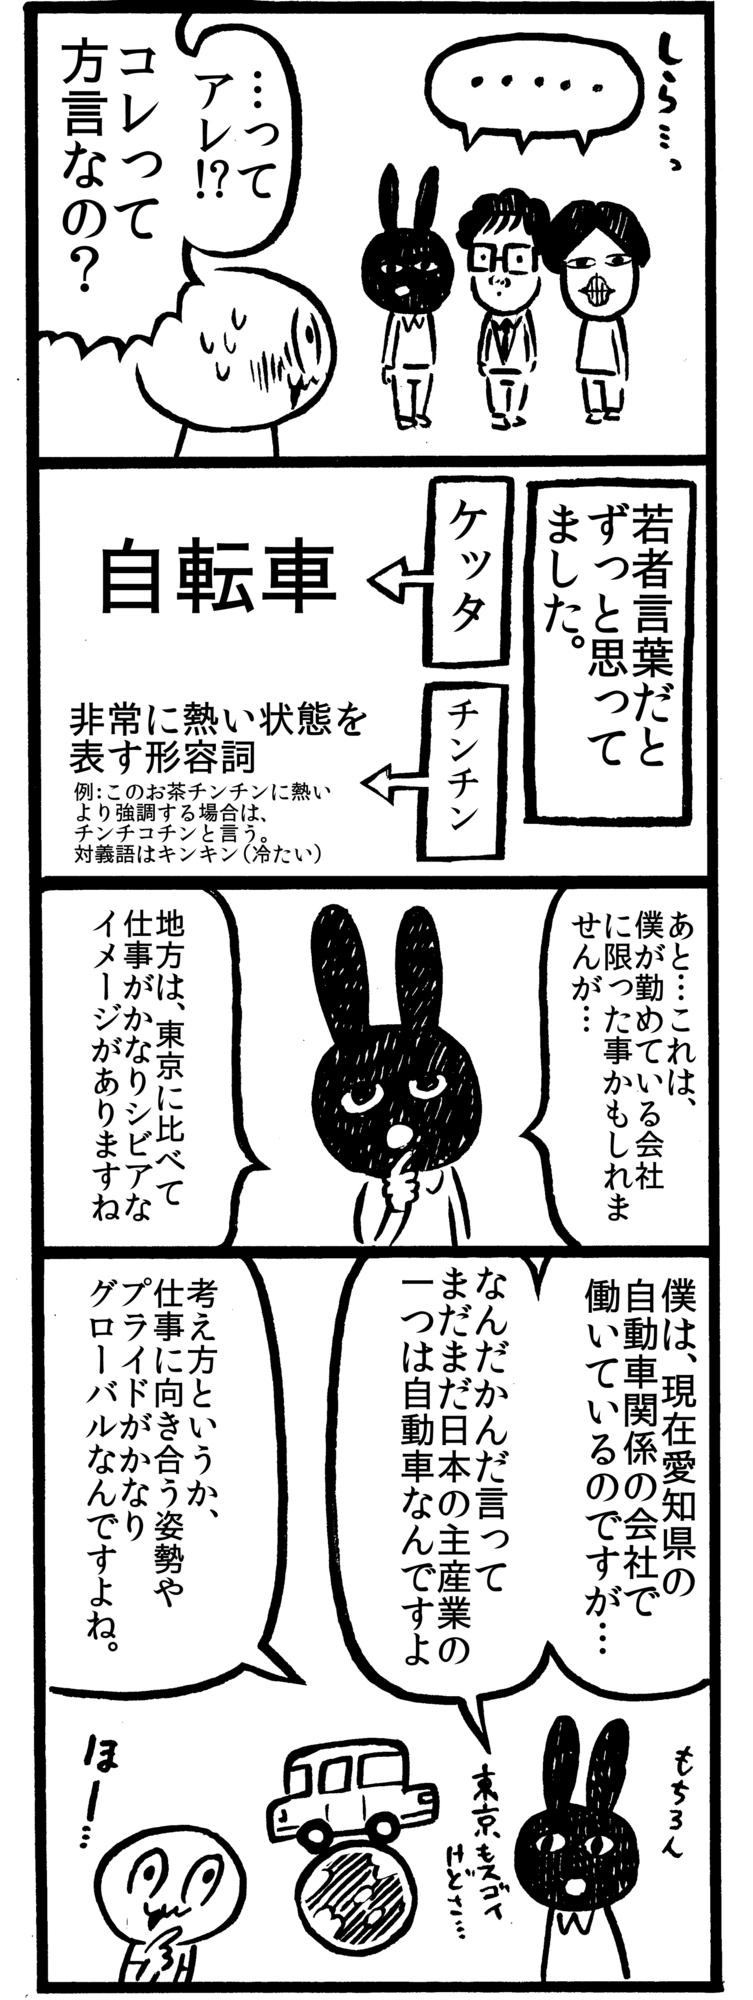 f:id:kakijiro:20160322192417j:plain